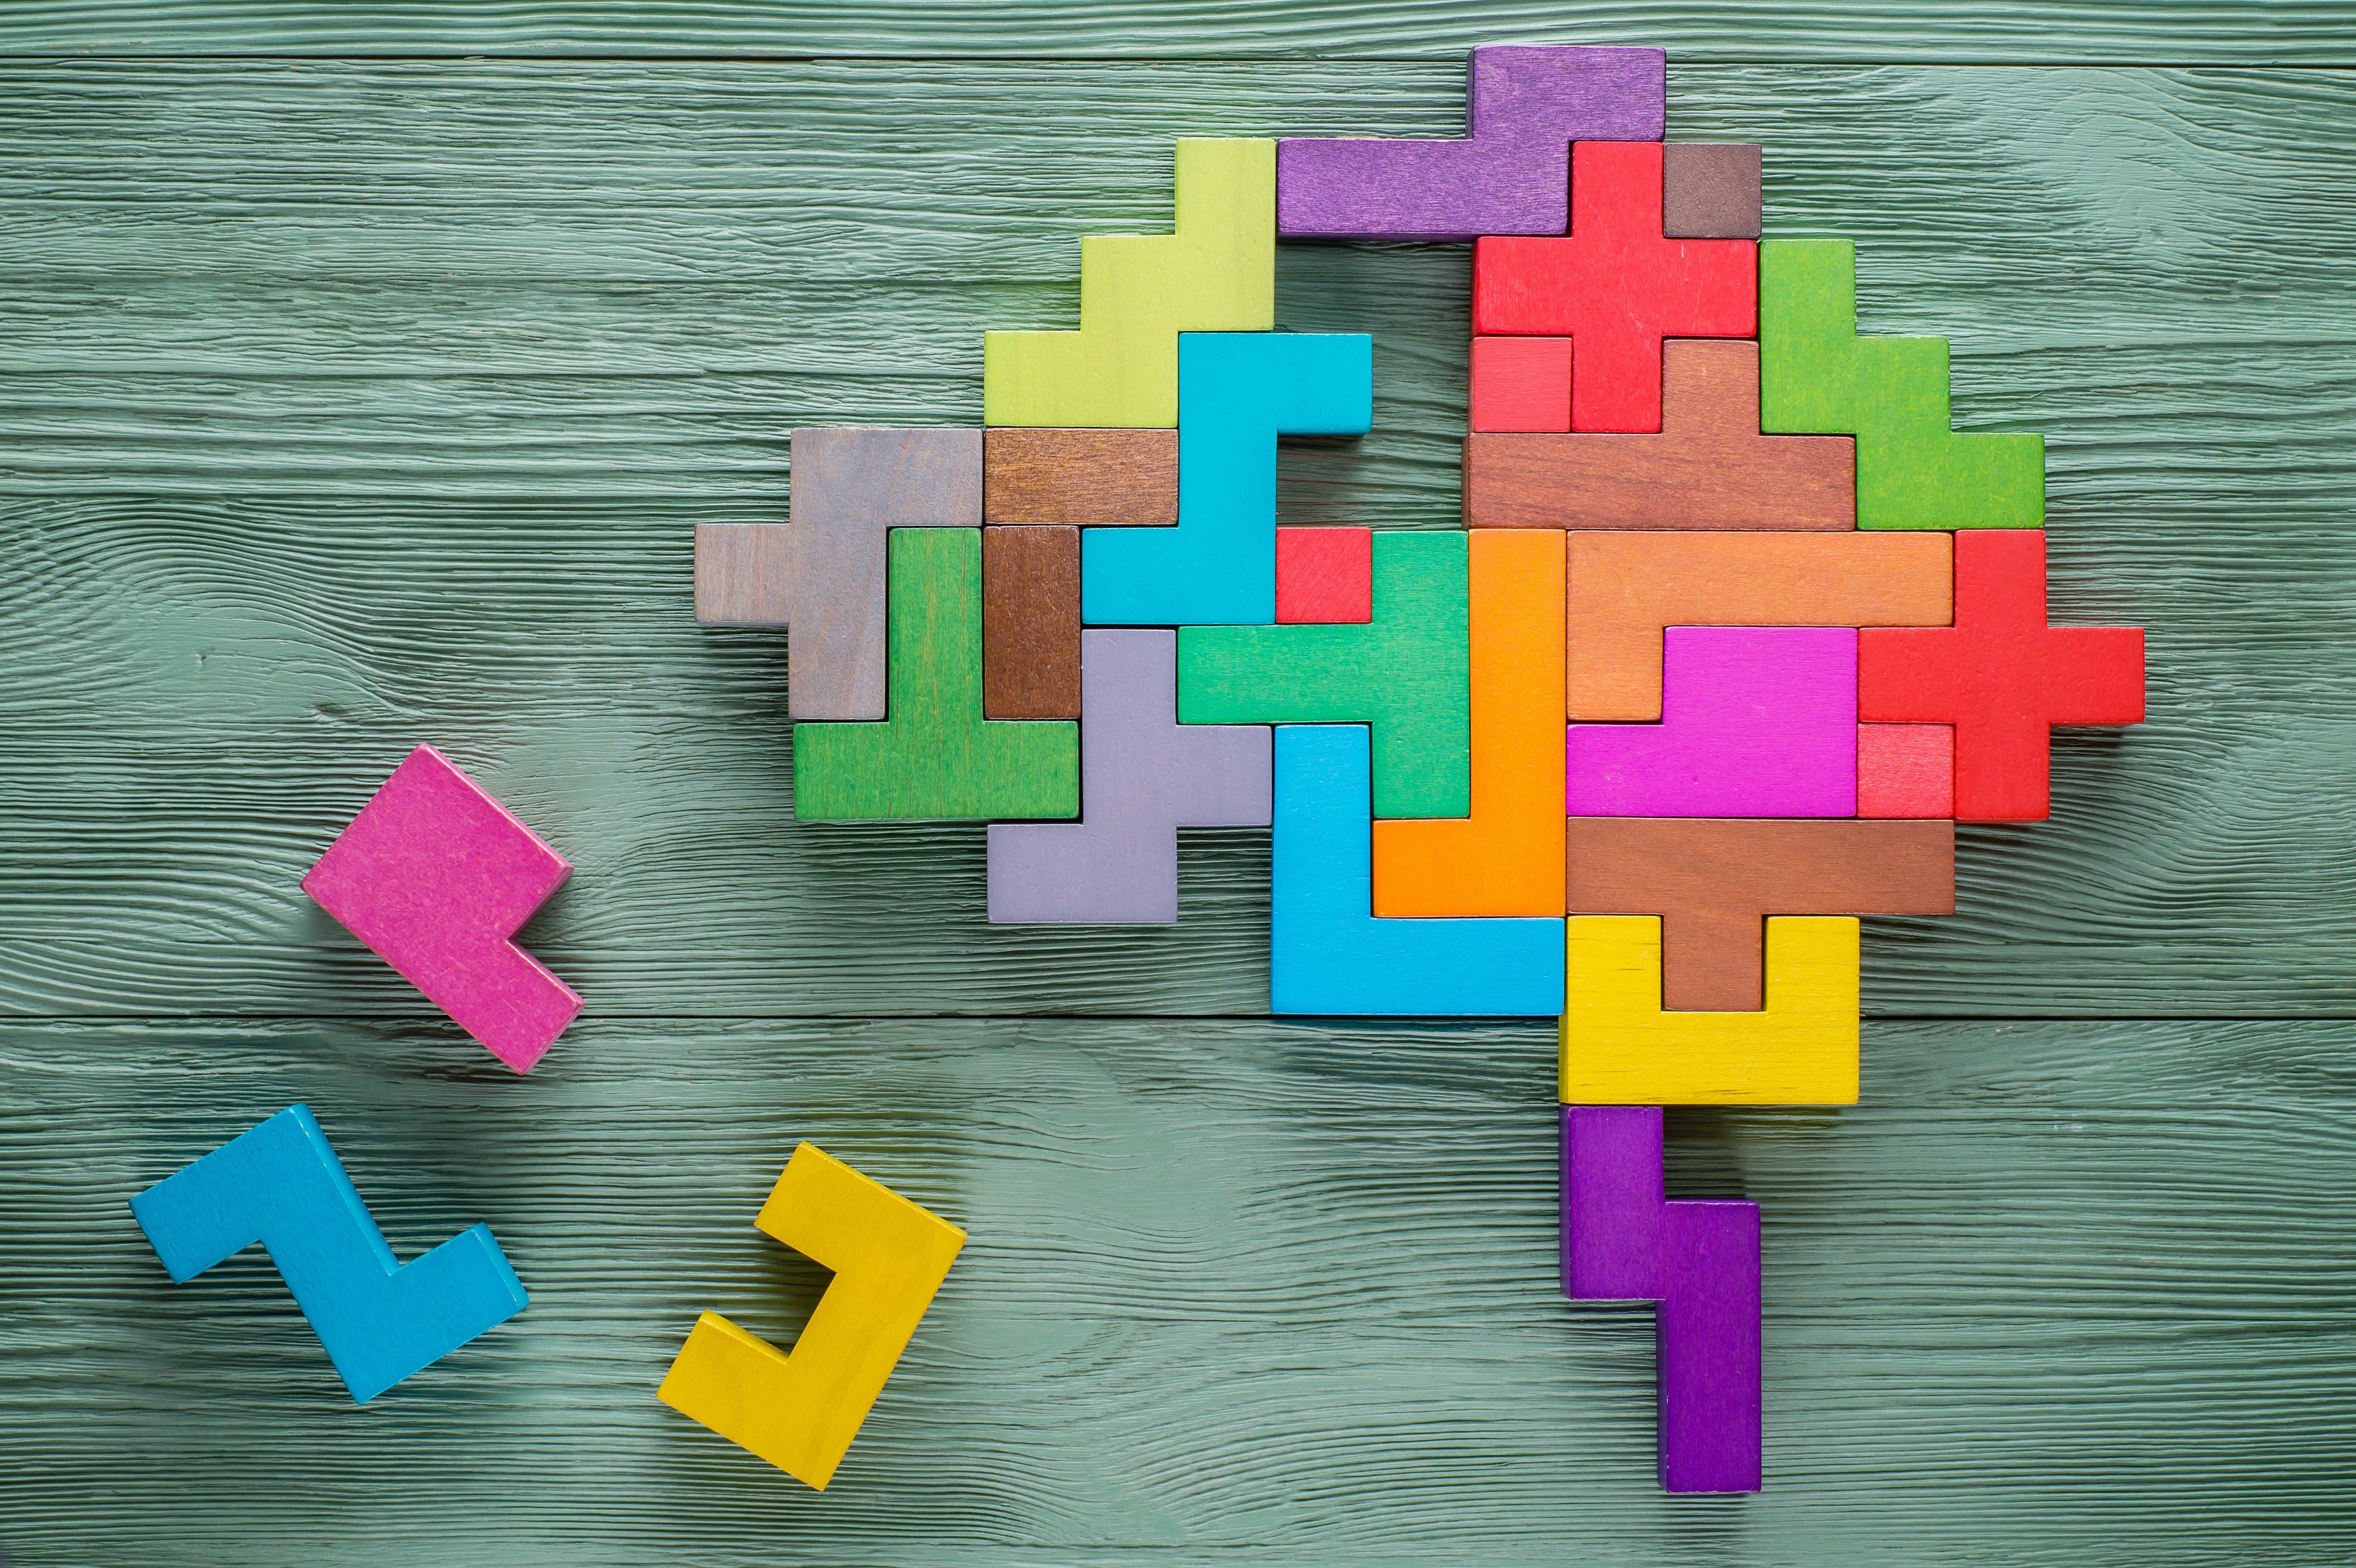 Mémoriser, apprendre à mémoriser, mémoire, retenir, apprendre à apprendre, mnémotechnie